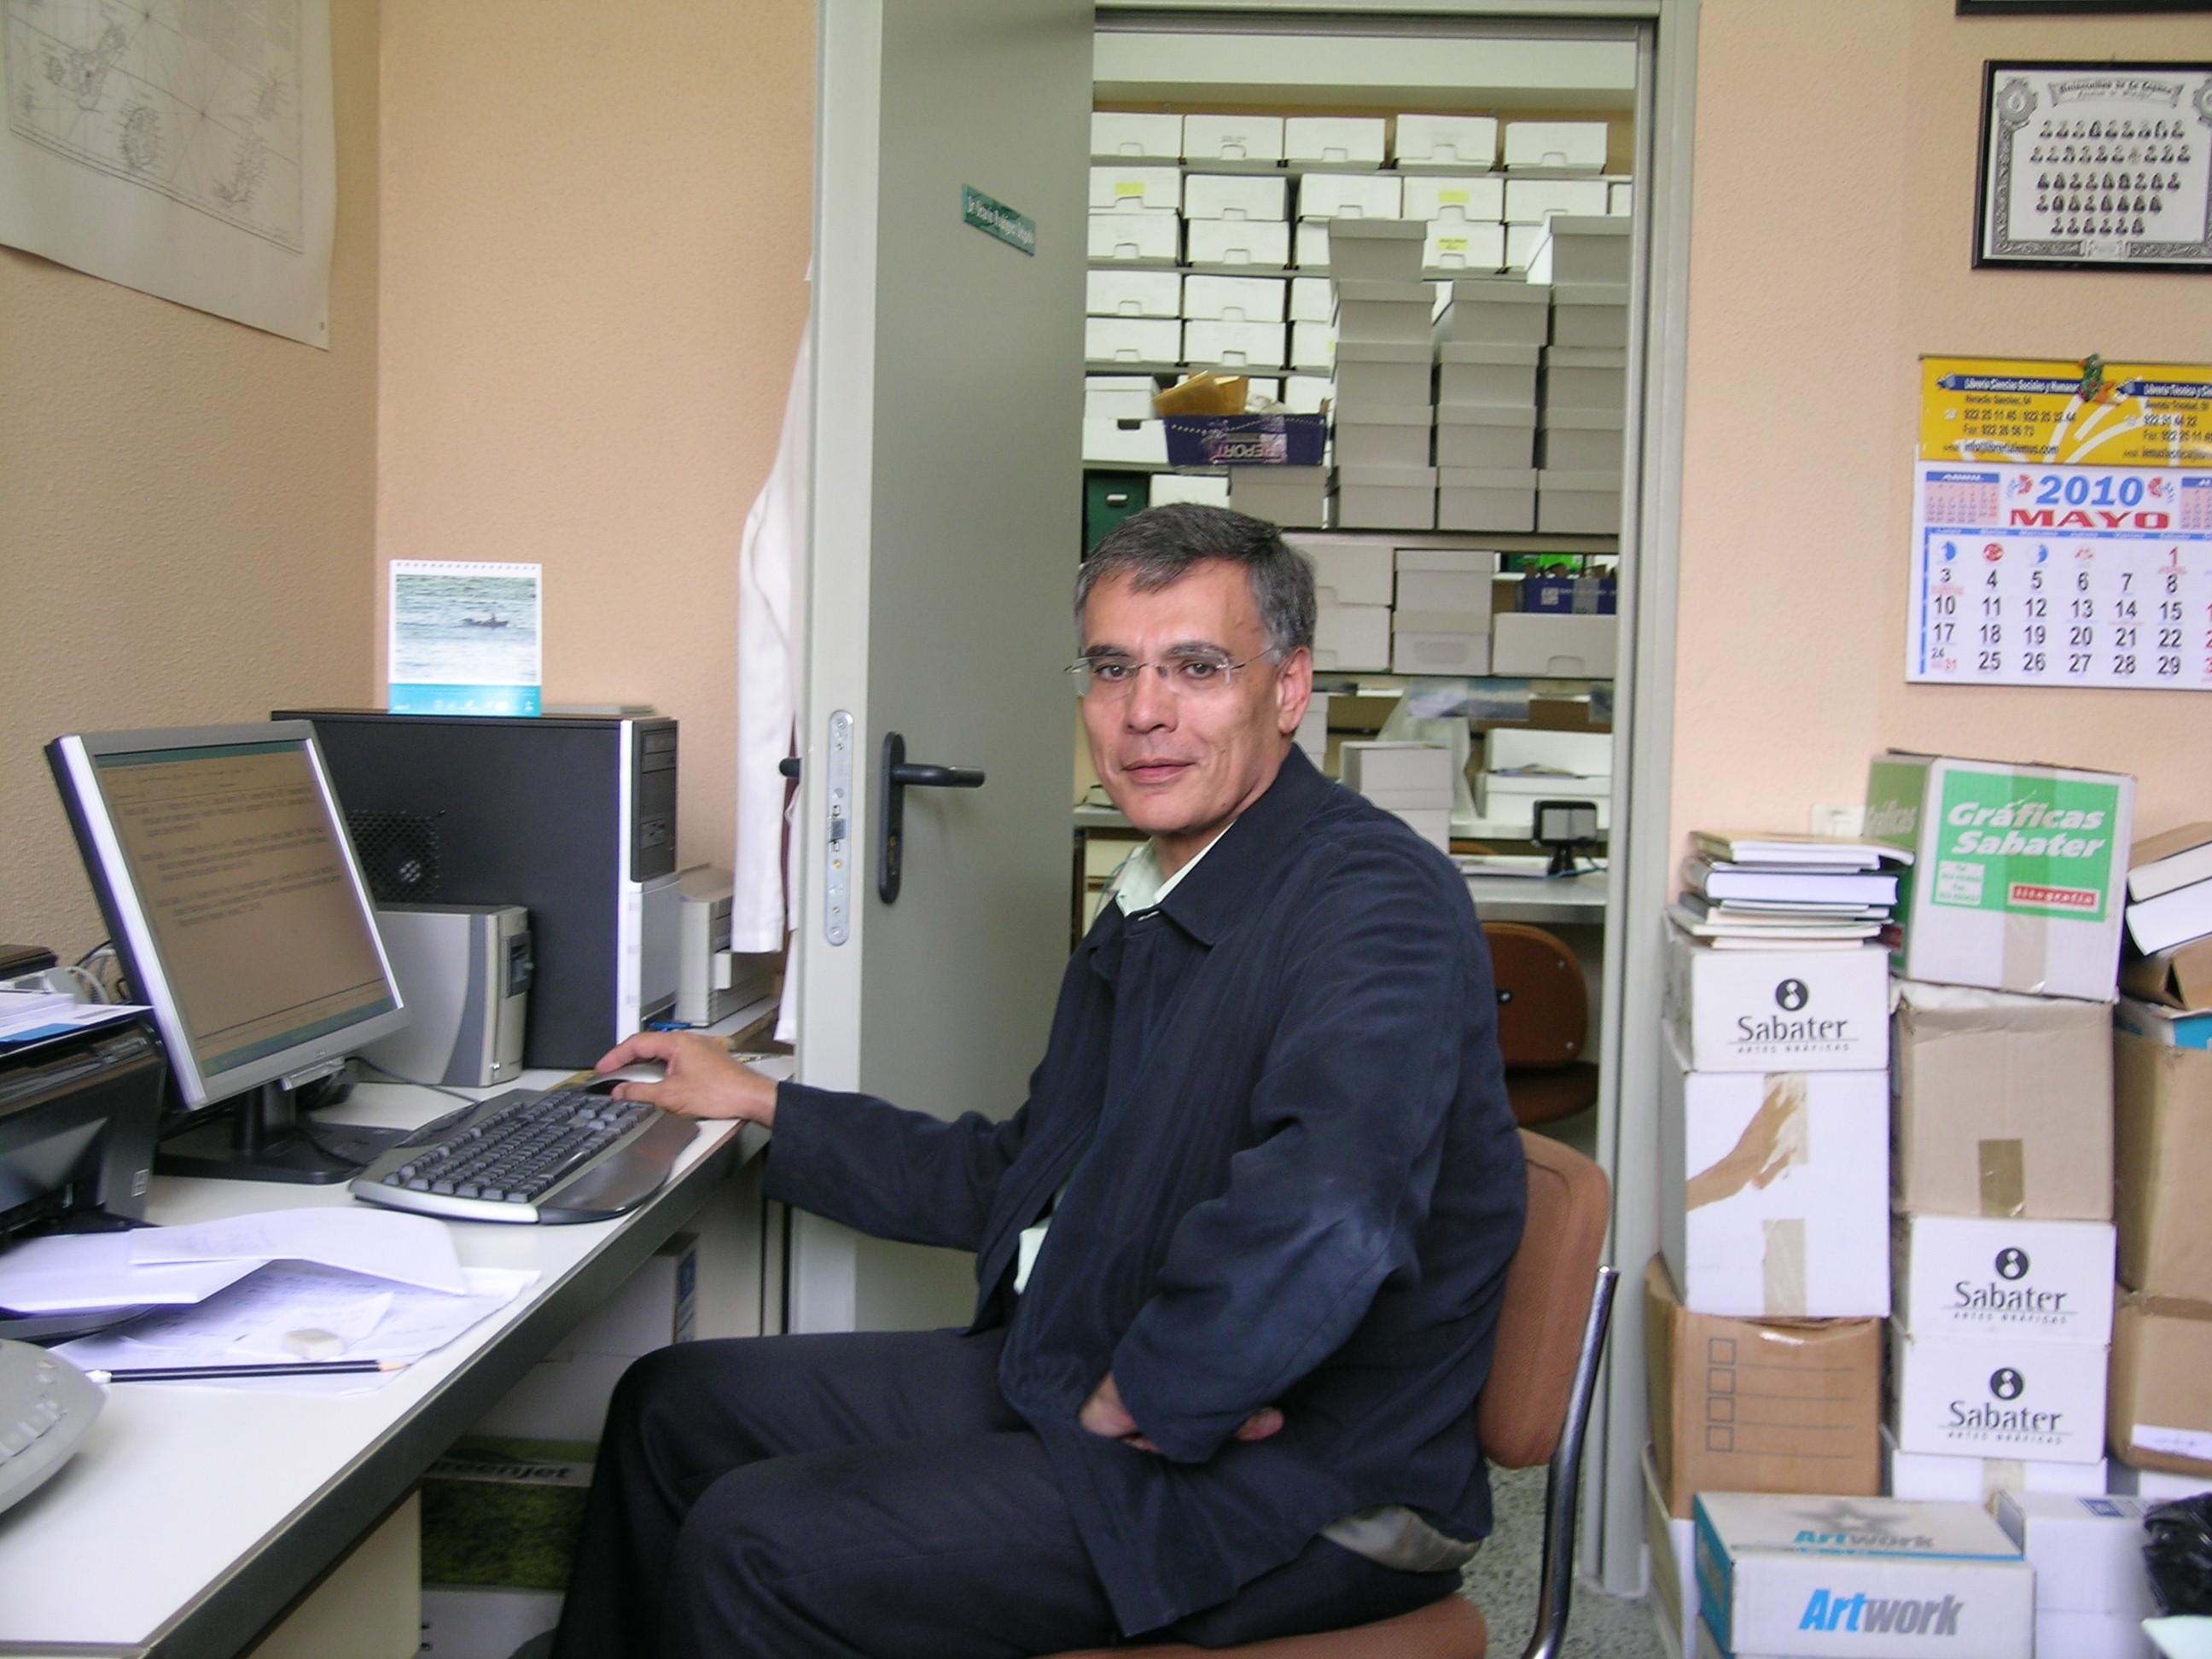 Octavio_mayo-2010